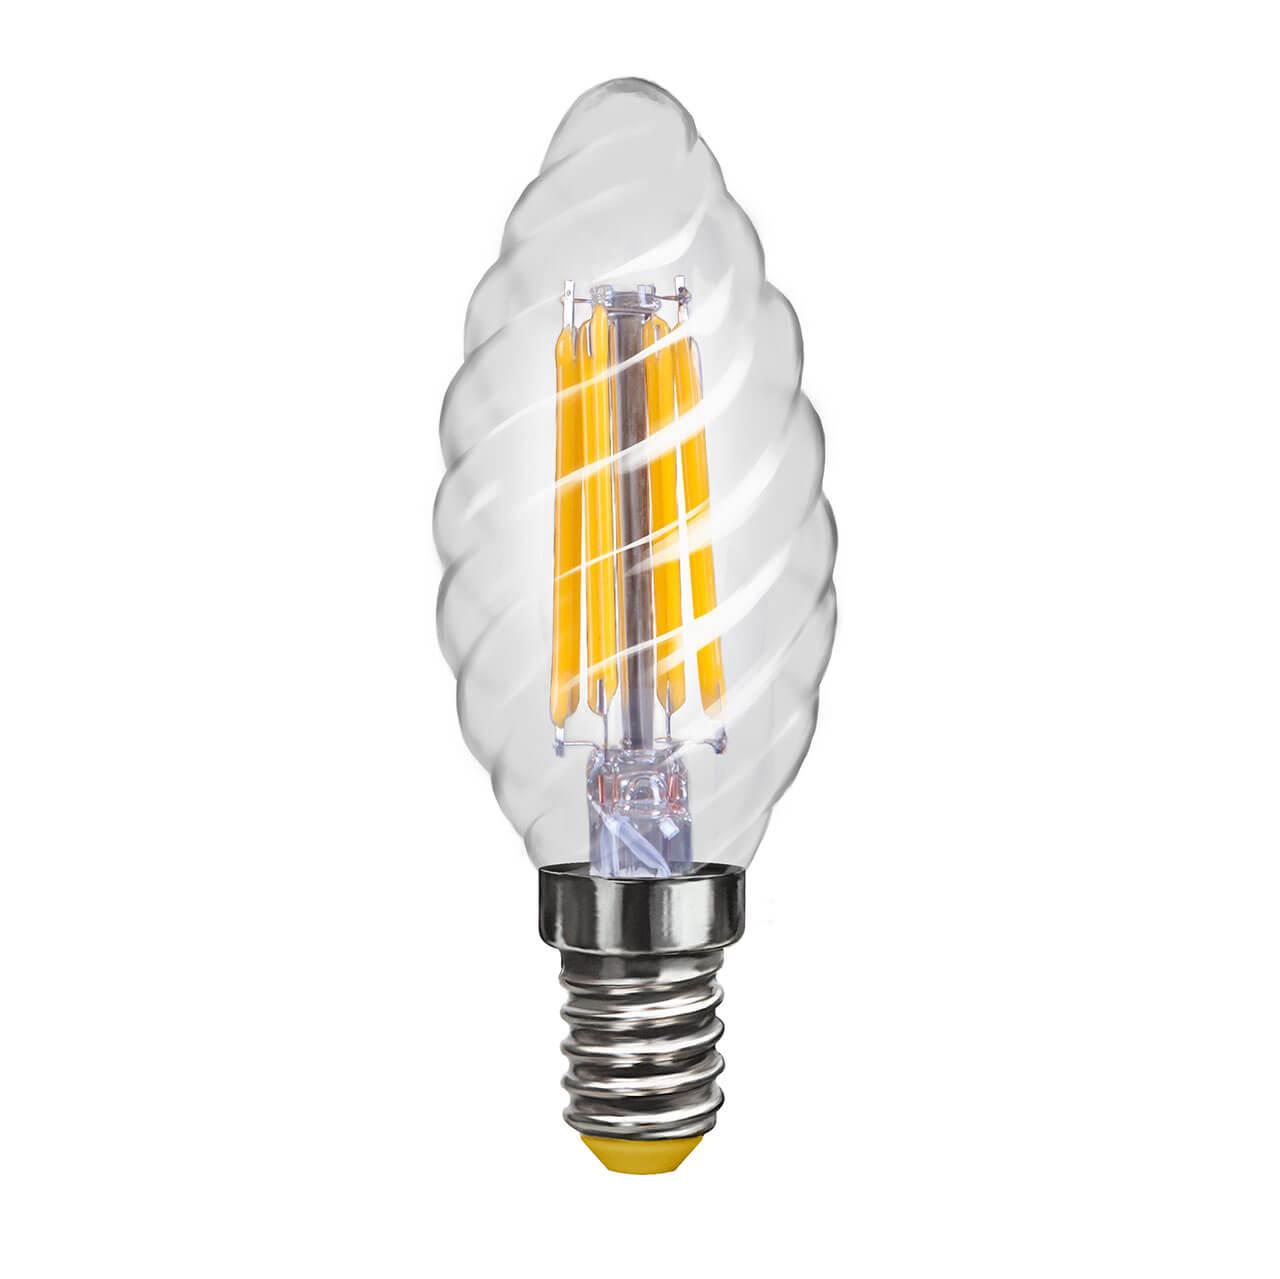 купить Лампа светодиодная филаментная Voltega E14 4W 4000К свеча витая прозрачная VG10-CС1E14cold4W-F 7003 по цене 169 рублей